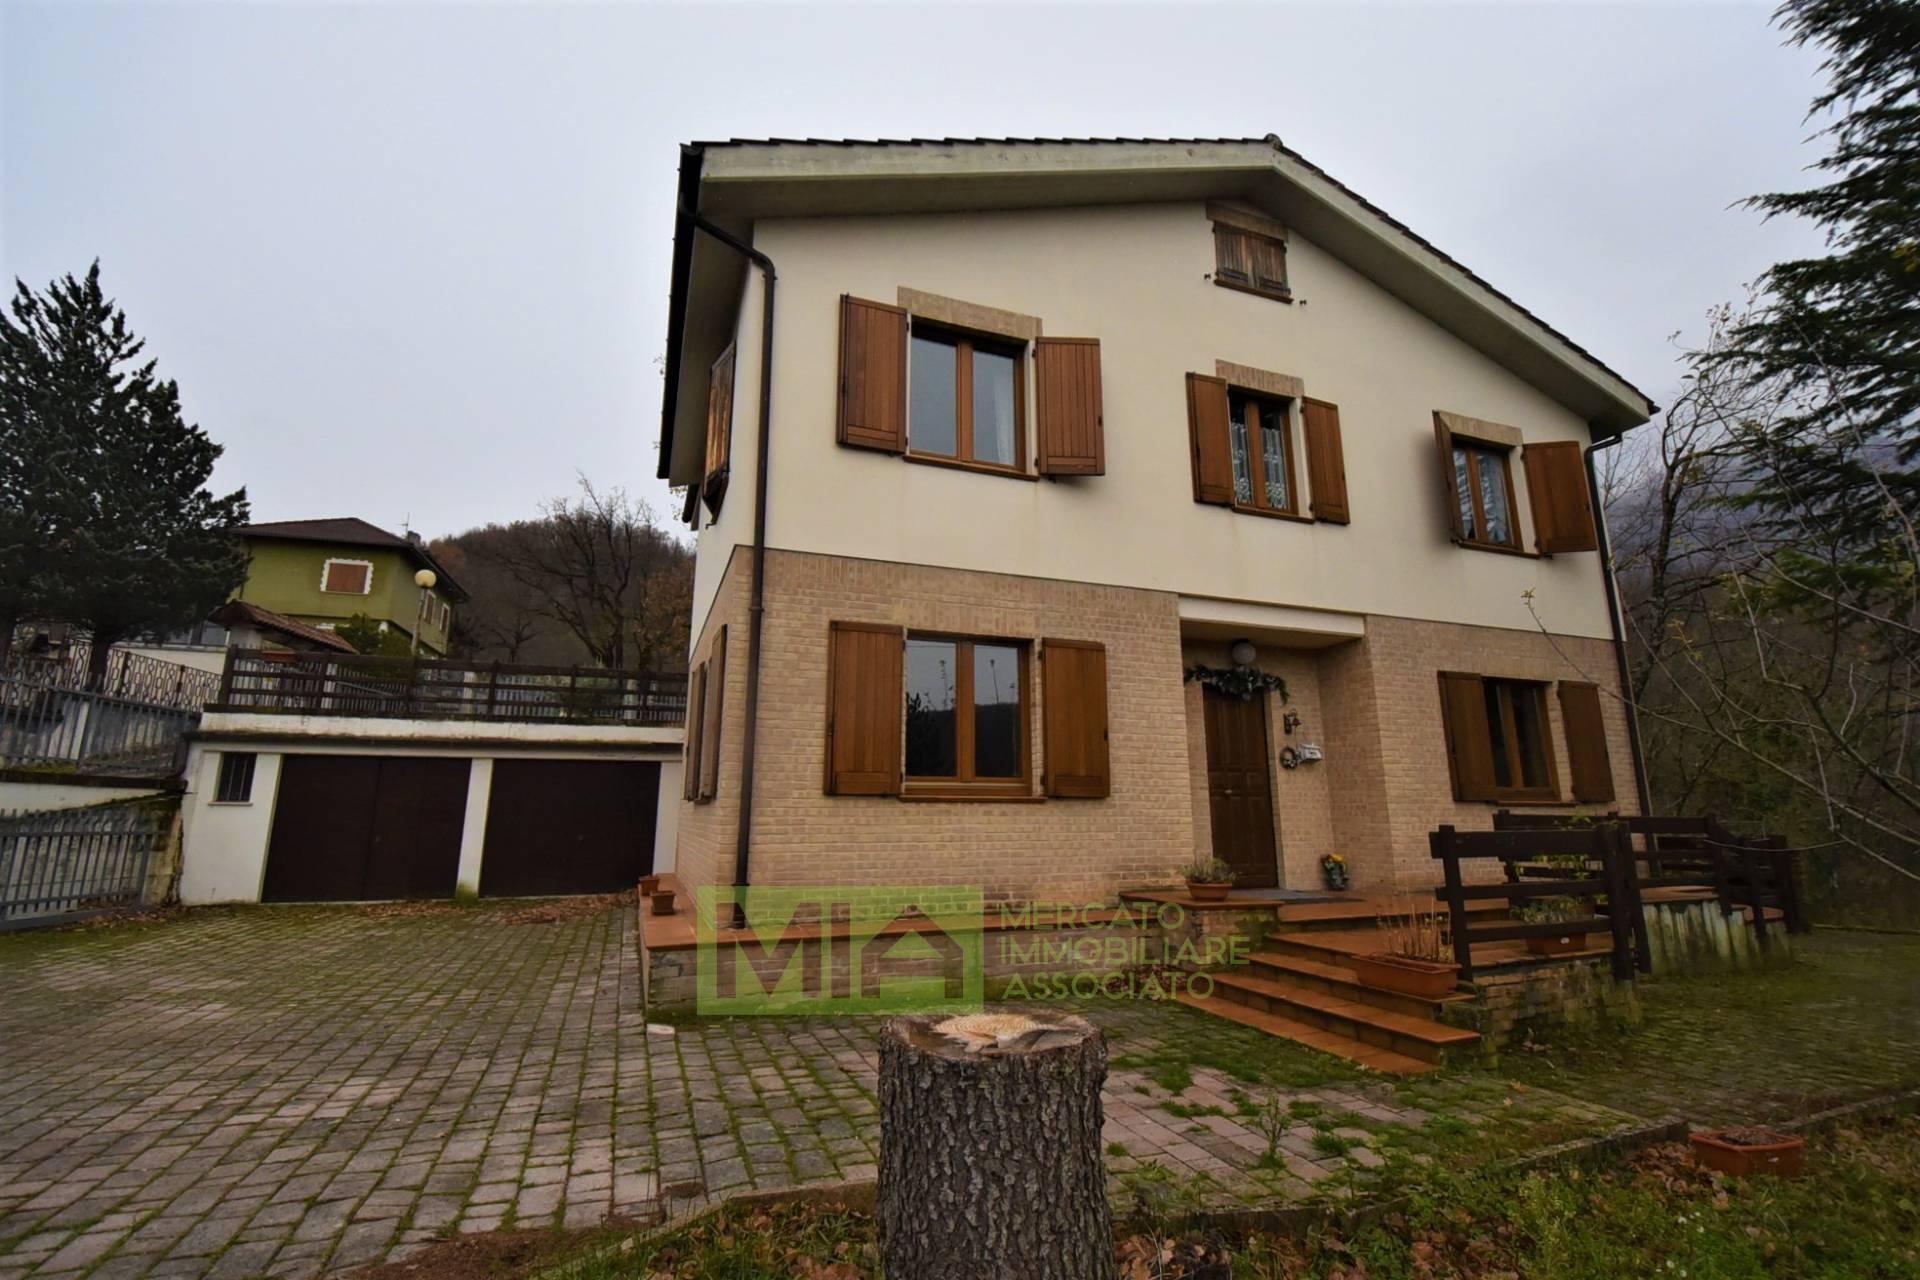 Villa in vendita a Sarnano (MC)